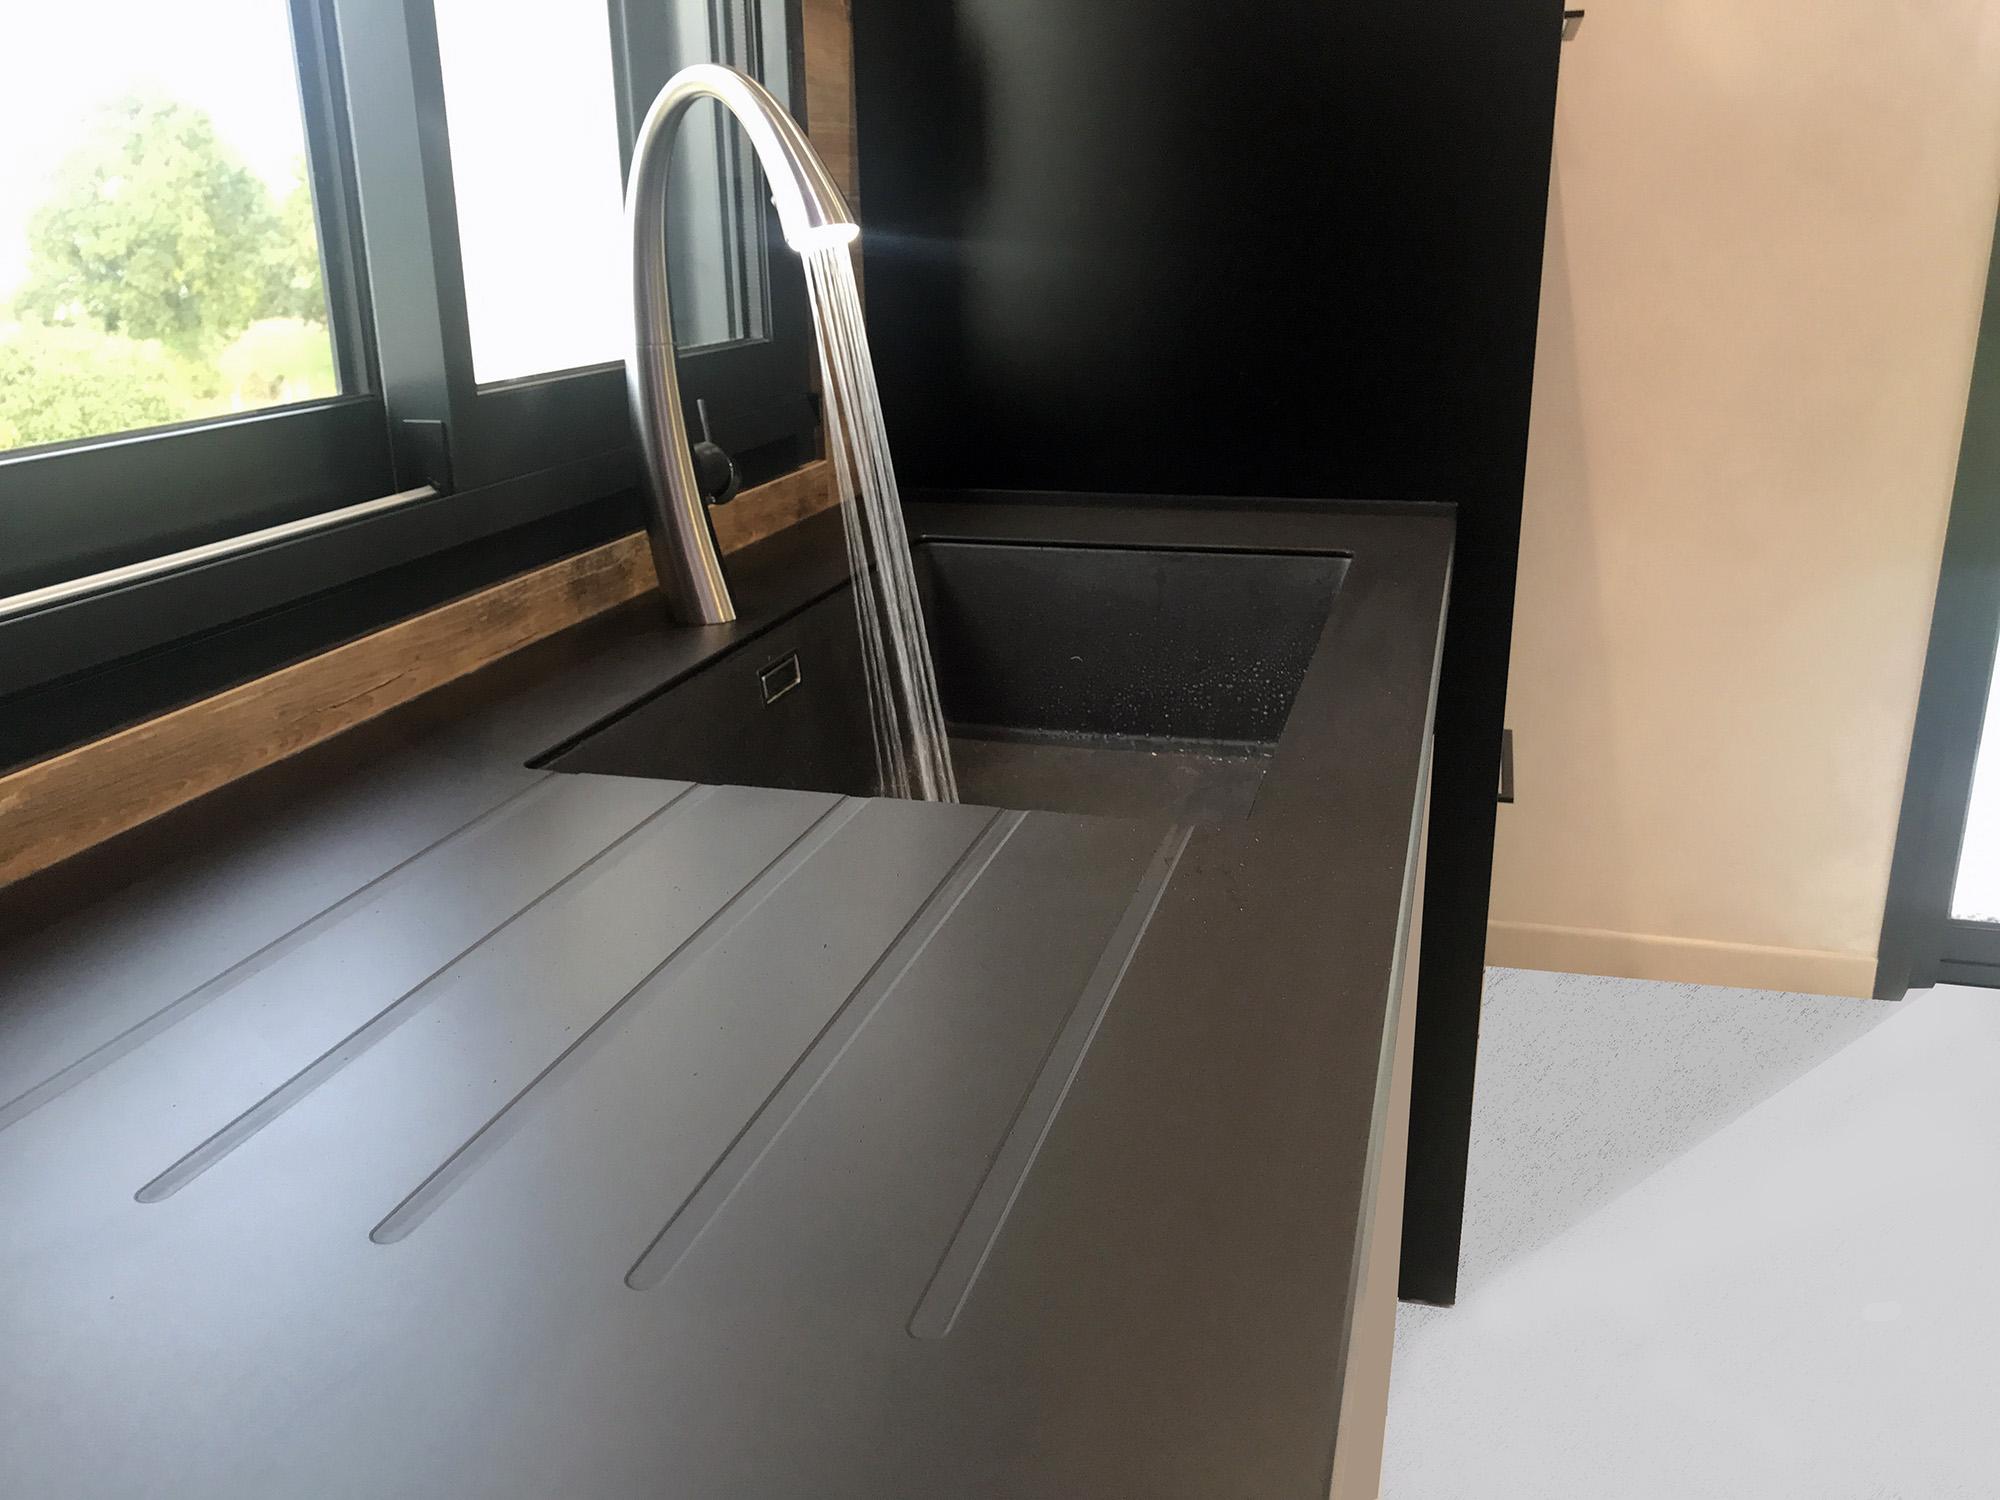 evier en céramique noire de la couleur du plan de travail avec mitigeur led integrée